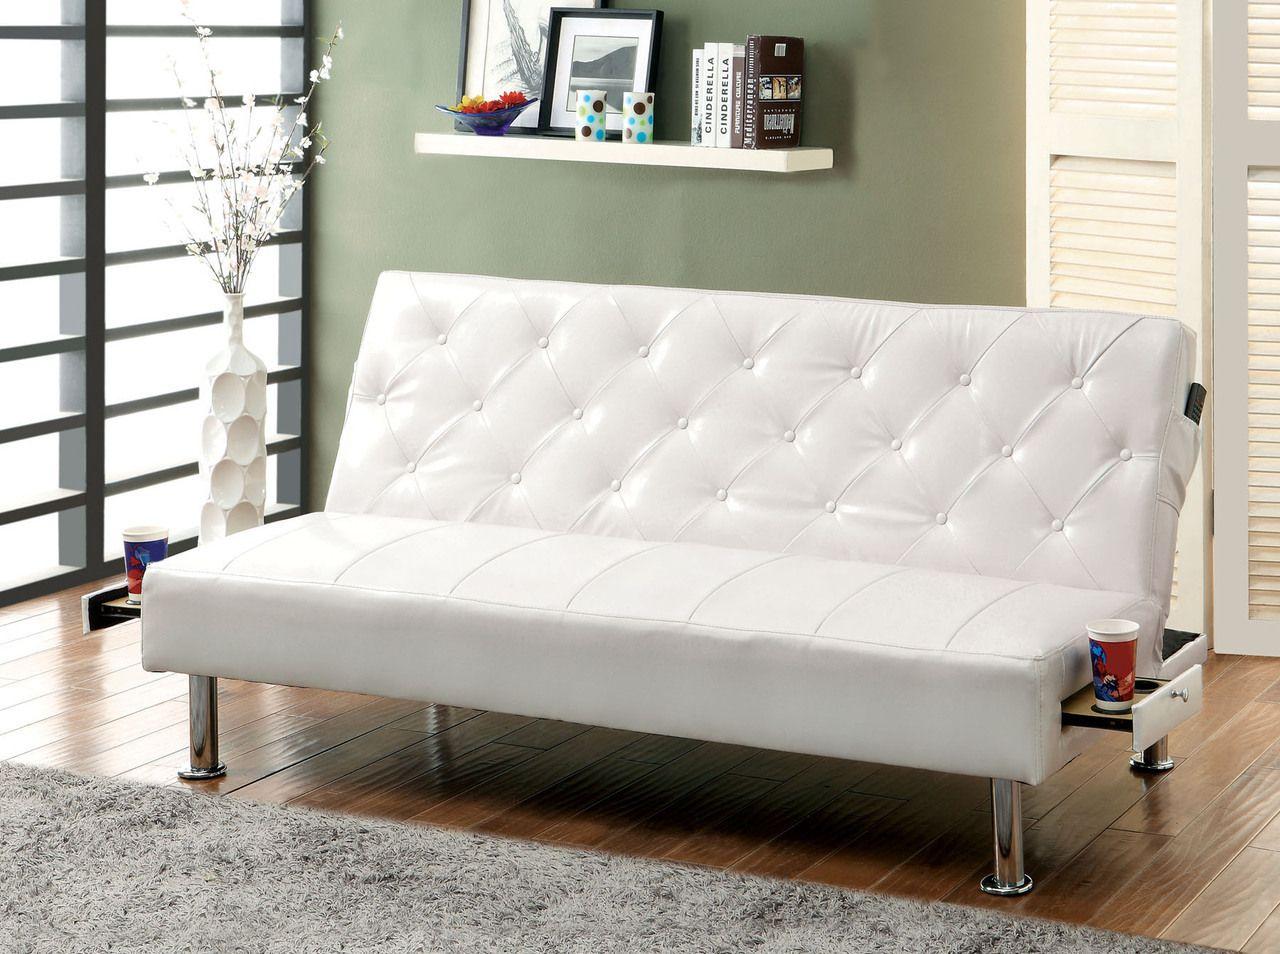 Desta White Leatherette Futon Sofa Bed Fun Futons Futon Sofa